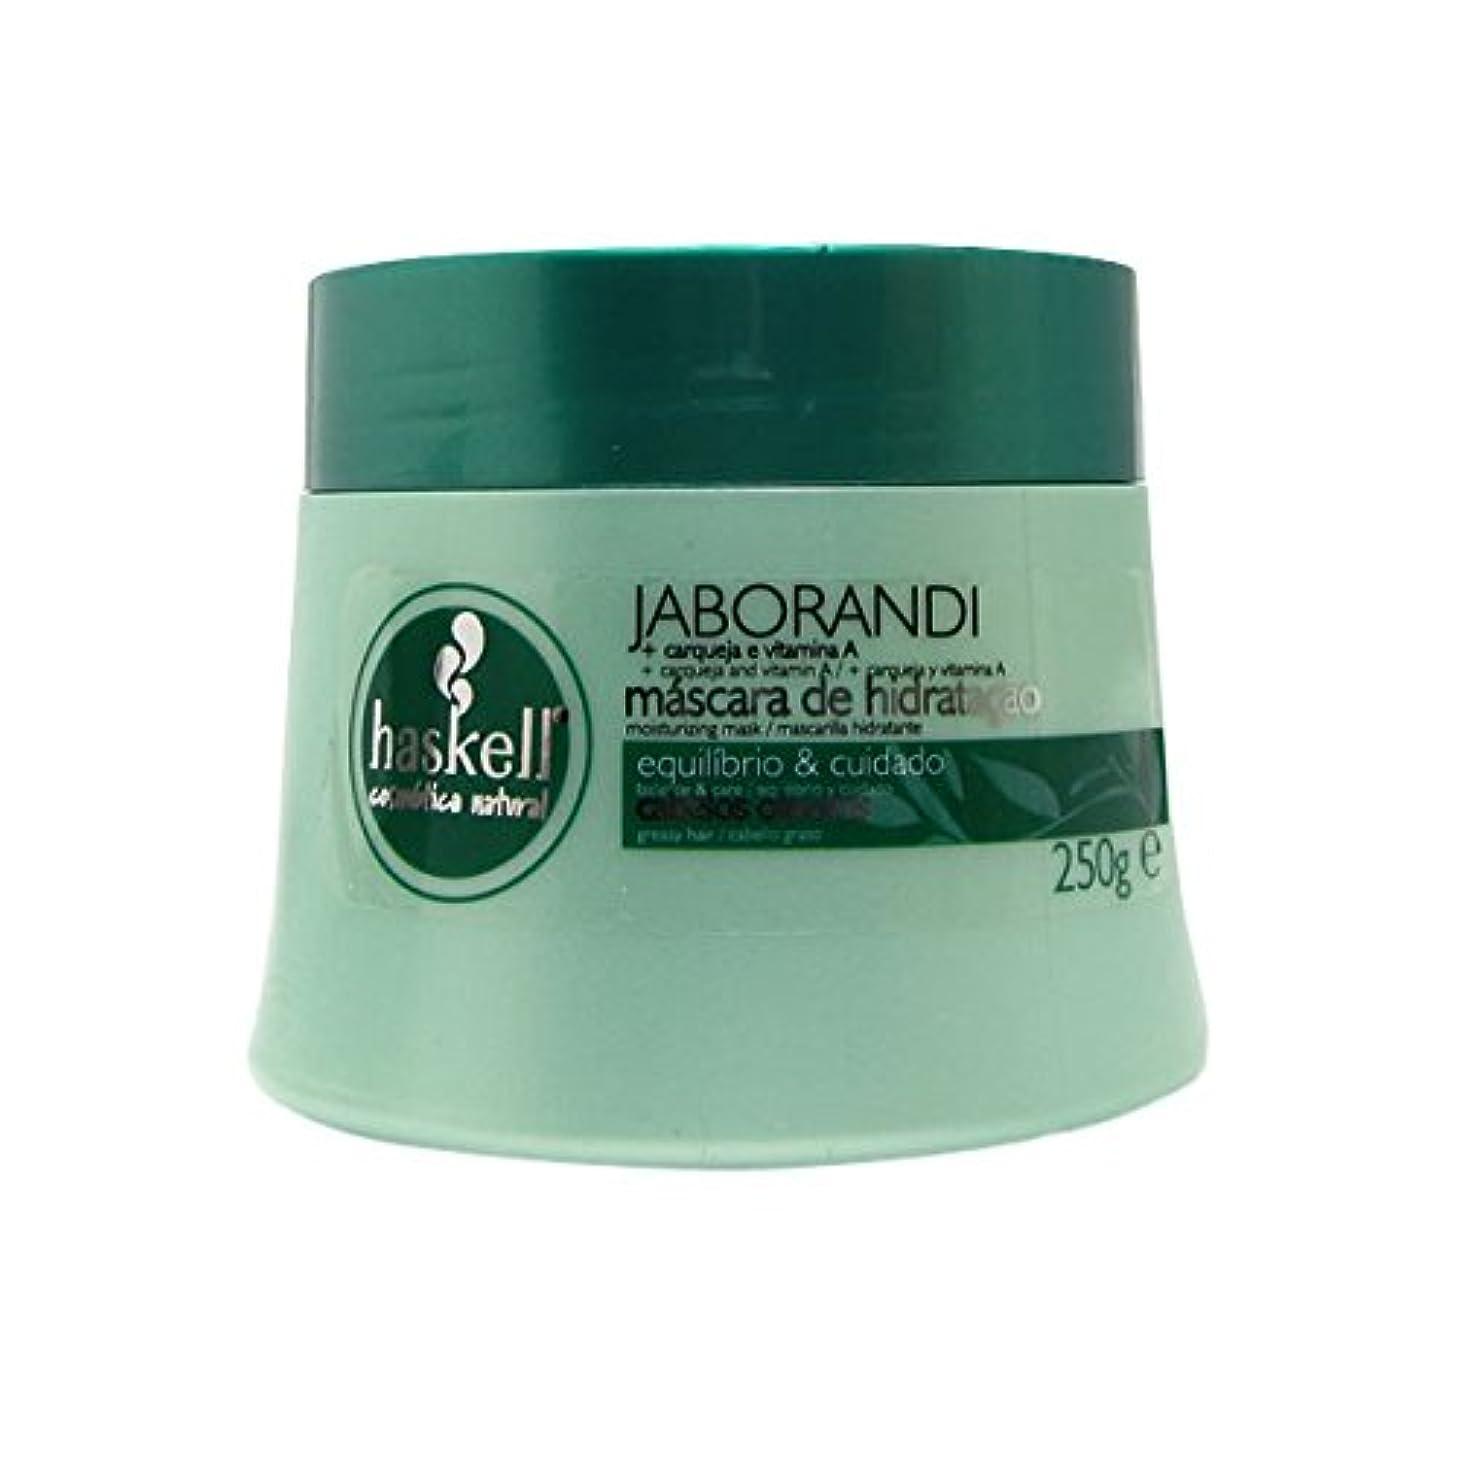 便利ふける失業者Haskell Jaborandi Hair Mask 250g [並行輸入品]